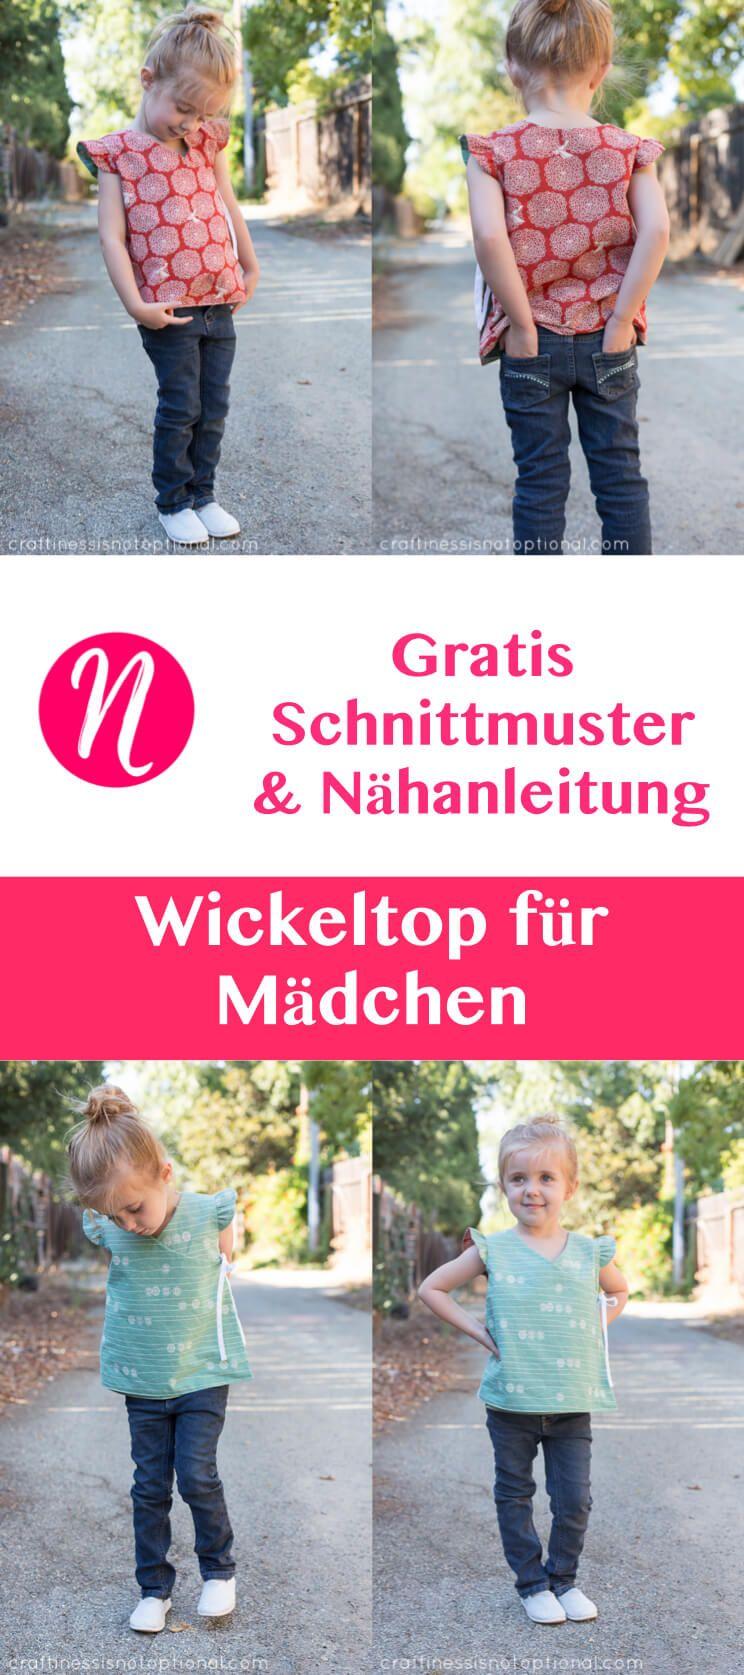 Wickeltop für Mädchen - Freebook | Pinterest | Selber nähen ...